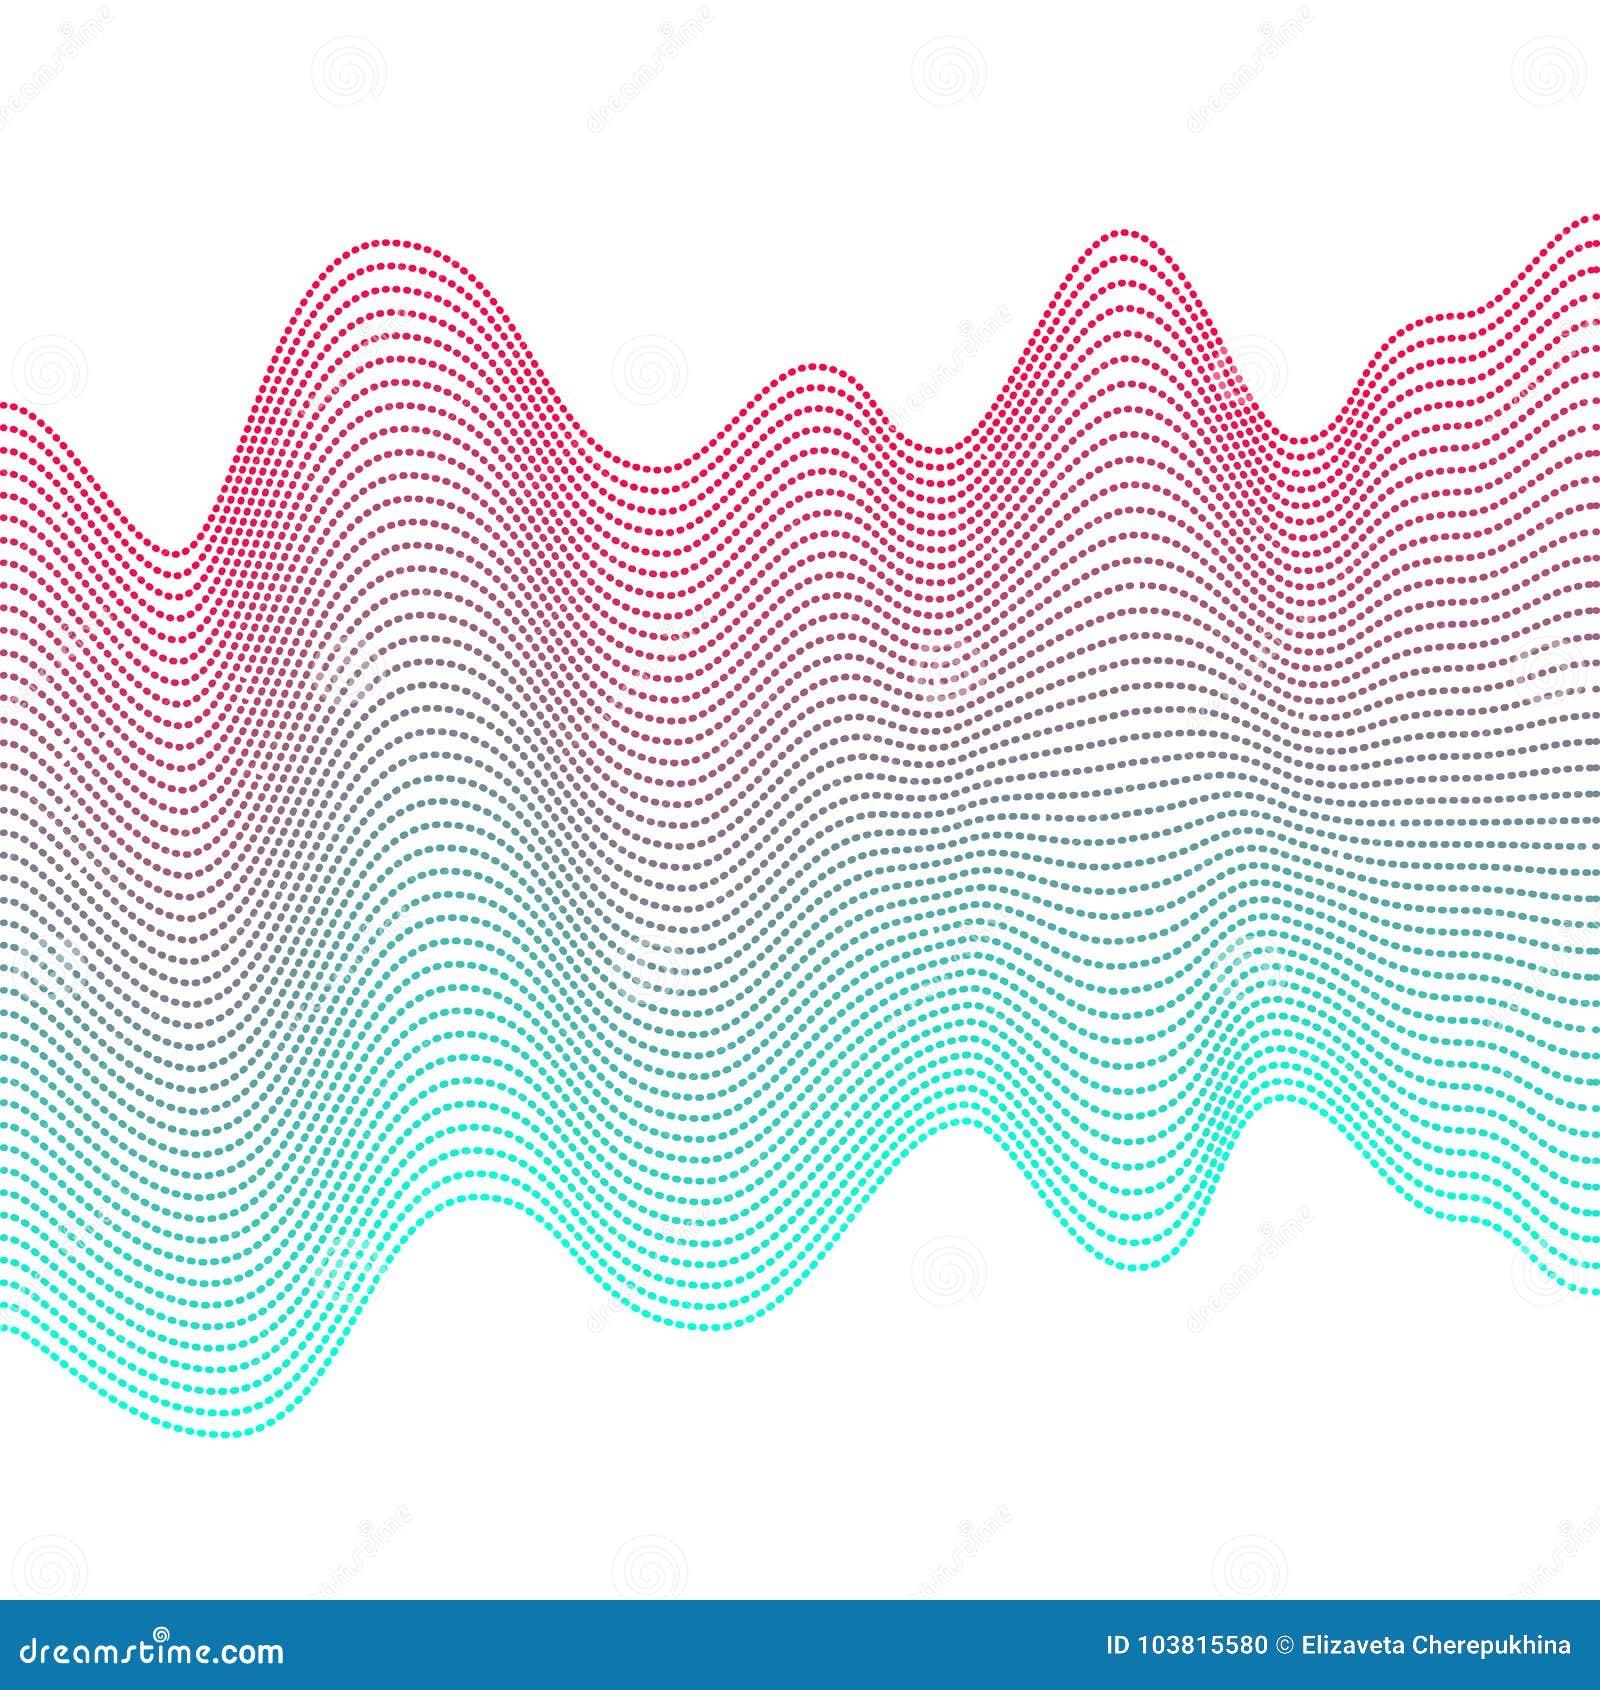 Ομαλά ζωηρόχρωμα κύματα στο άσπρο υπόβαθρο Αφηρημένες διανυσματικές διαστιγμένες γραμμές Επίδραση μίγματος Ρόδινο και μπλε κύμα